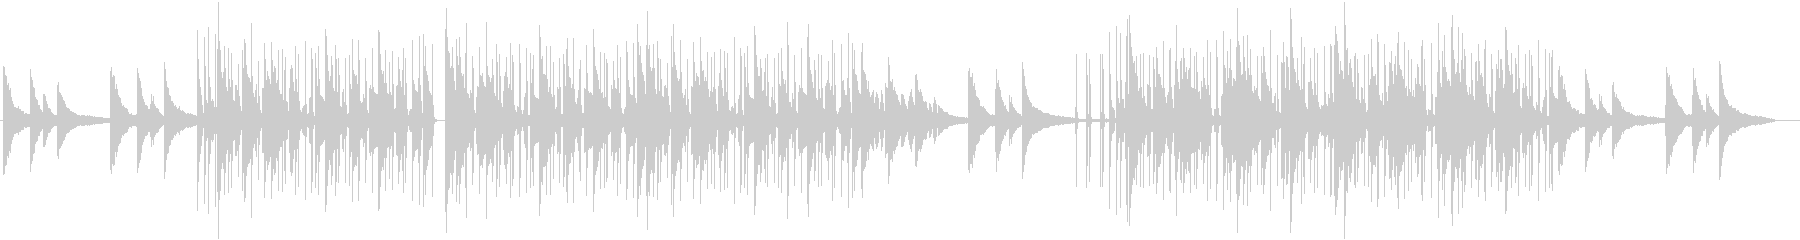 ピアノがお洒落なLoFiHiphopの未再生の波形